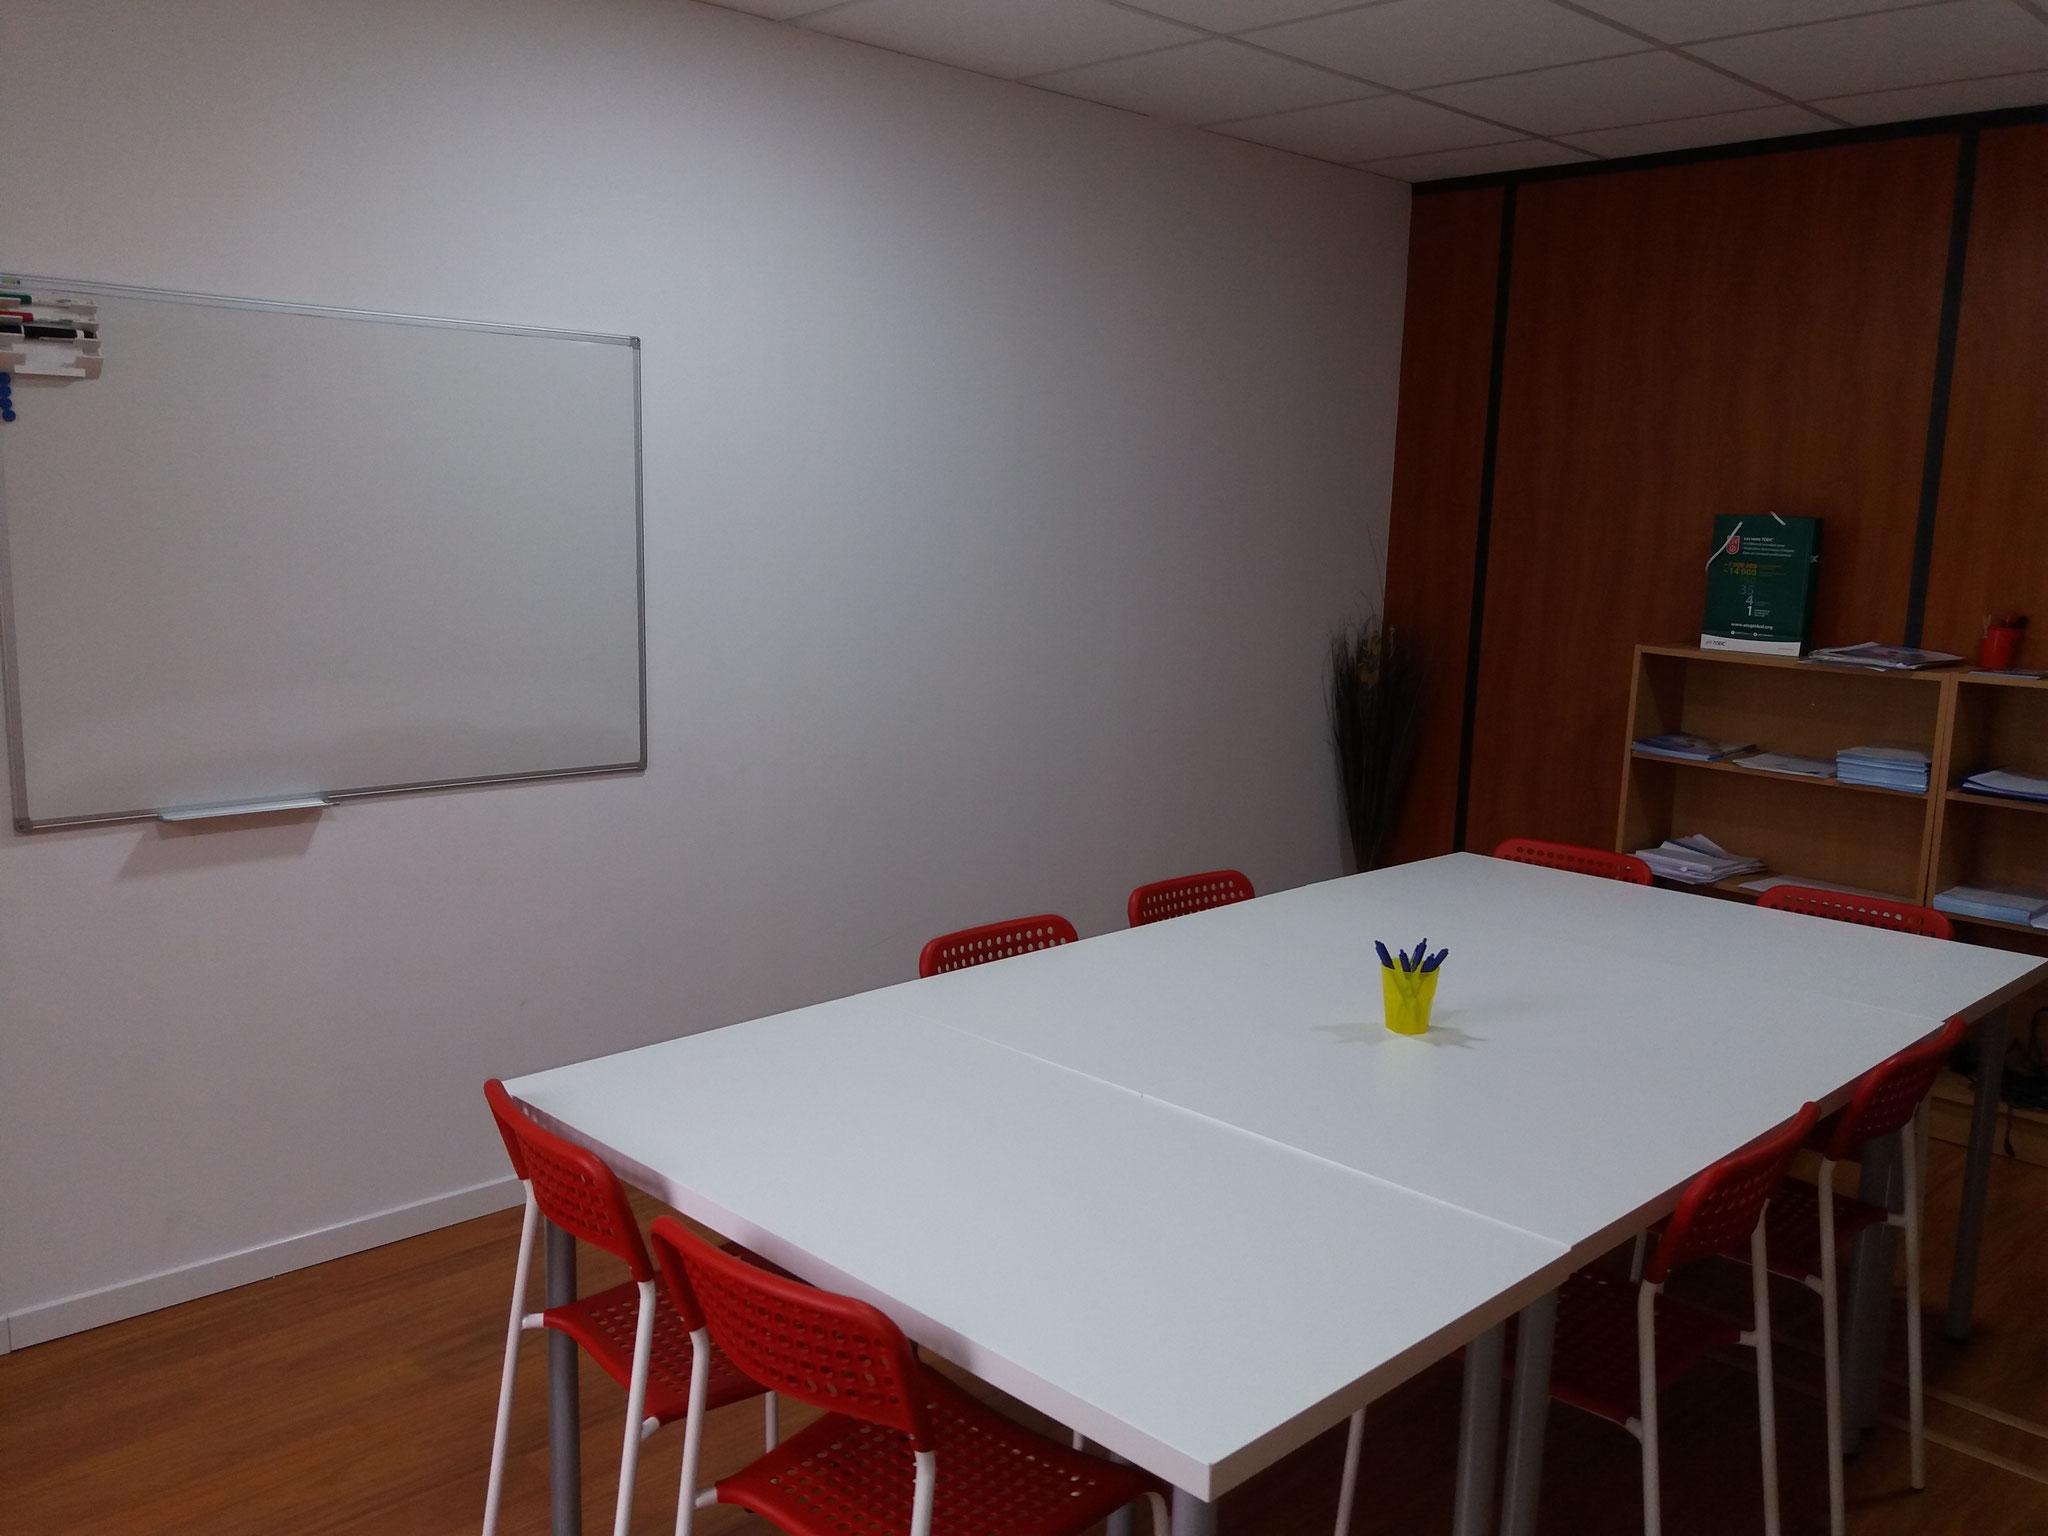 Notre salle de formation -capacité jusqu'à 8 personnes